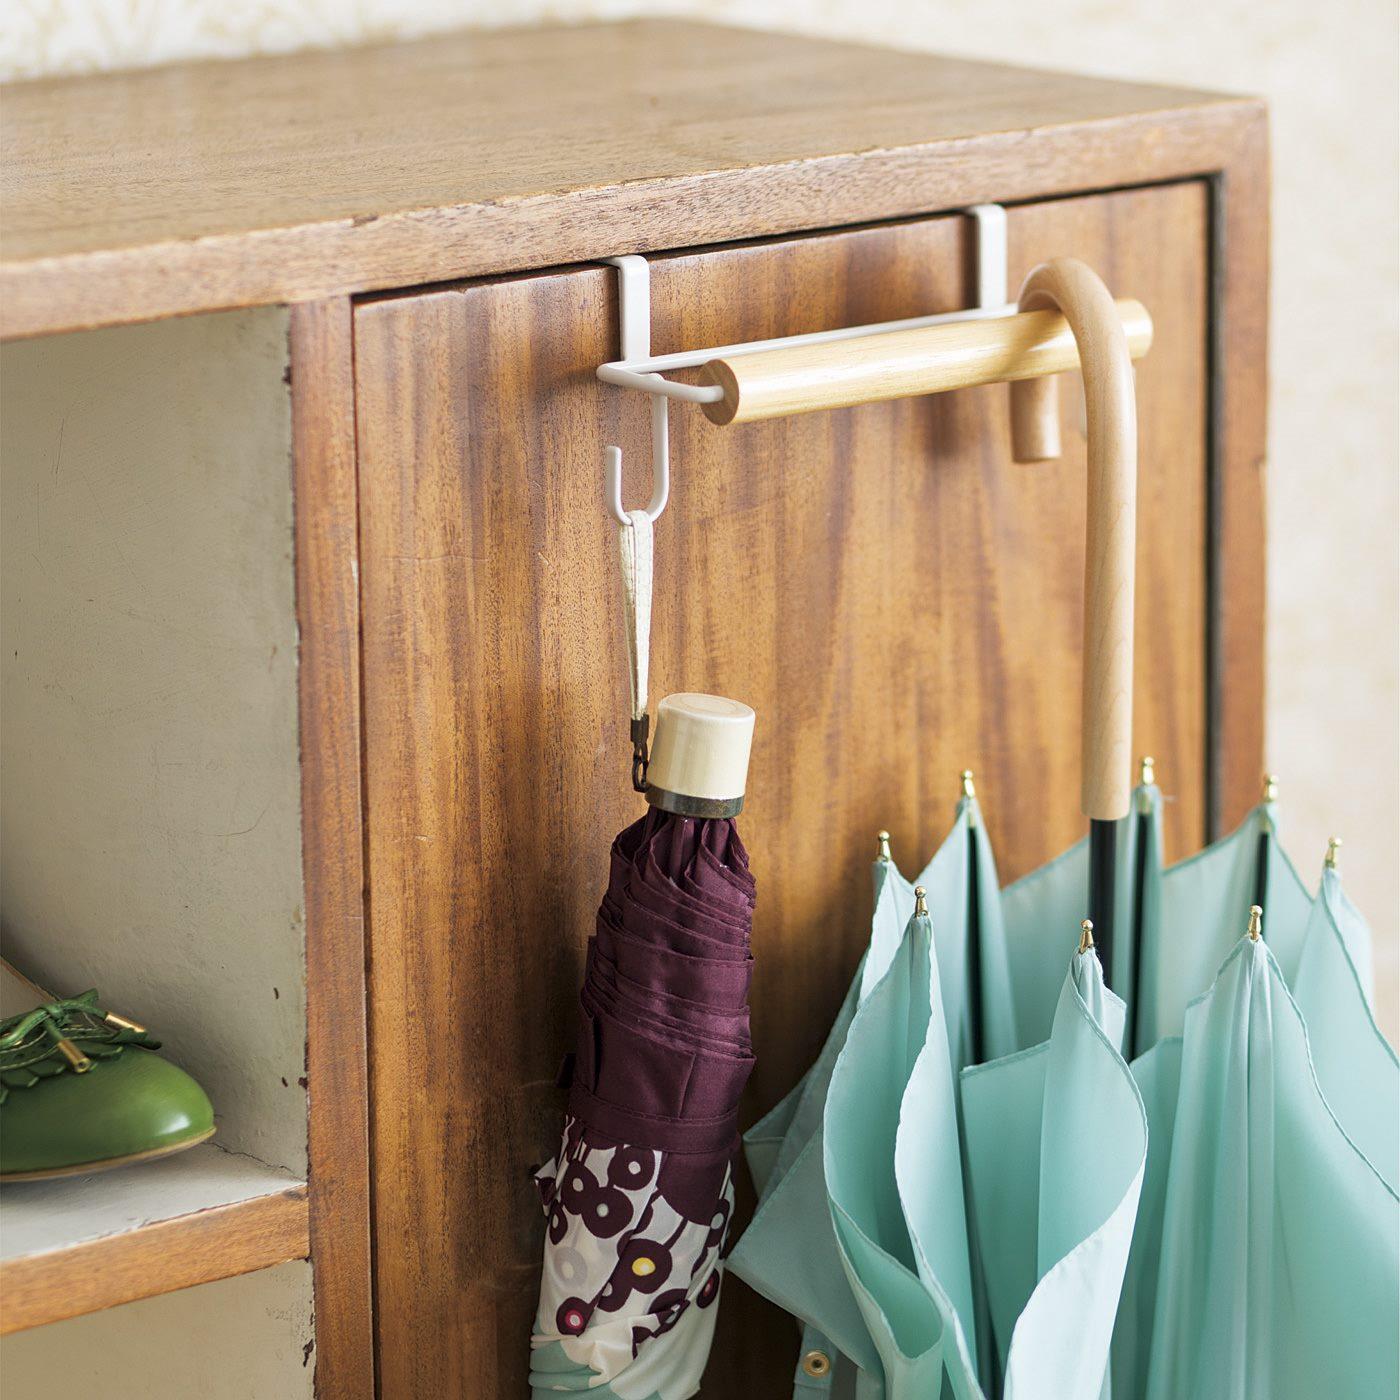 玄関の靴箱の扉に取り付けて、傘を掛けたり、内側にはシューケア用品を収納したり。